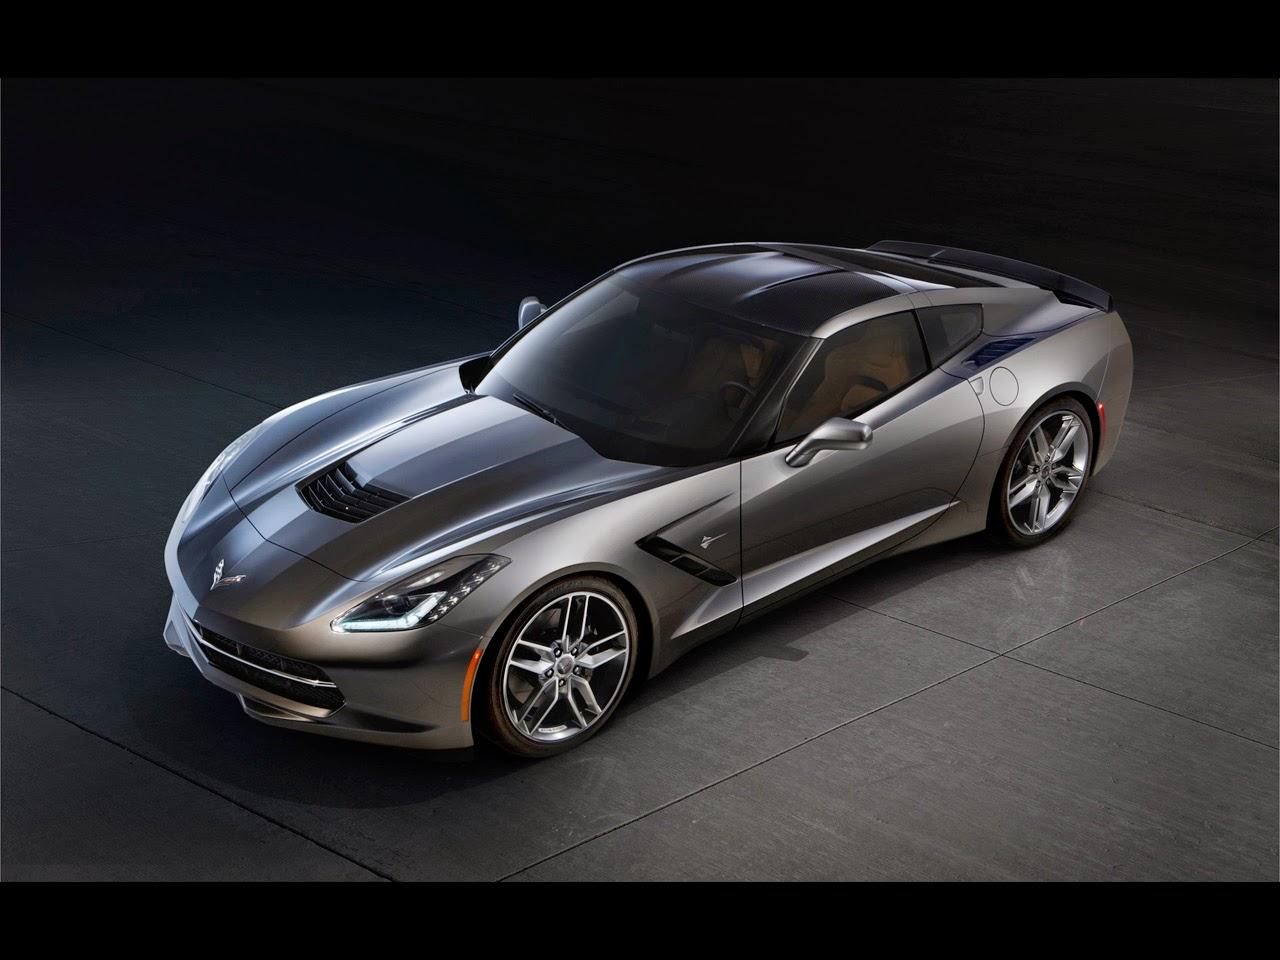 Chevrolet Corvette Stingray Car Wallpaper